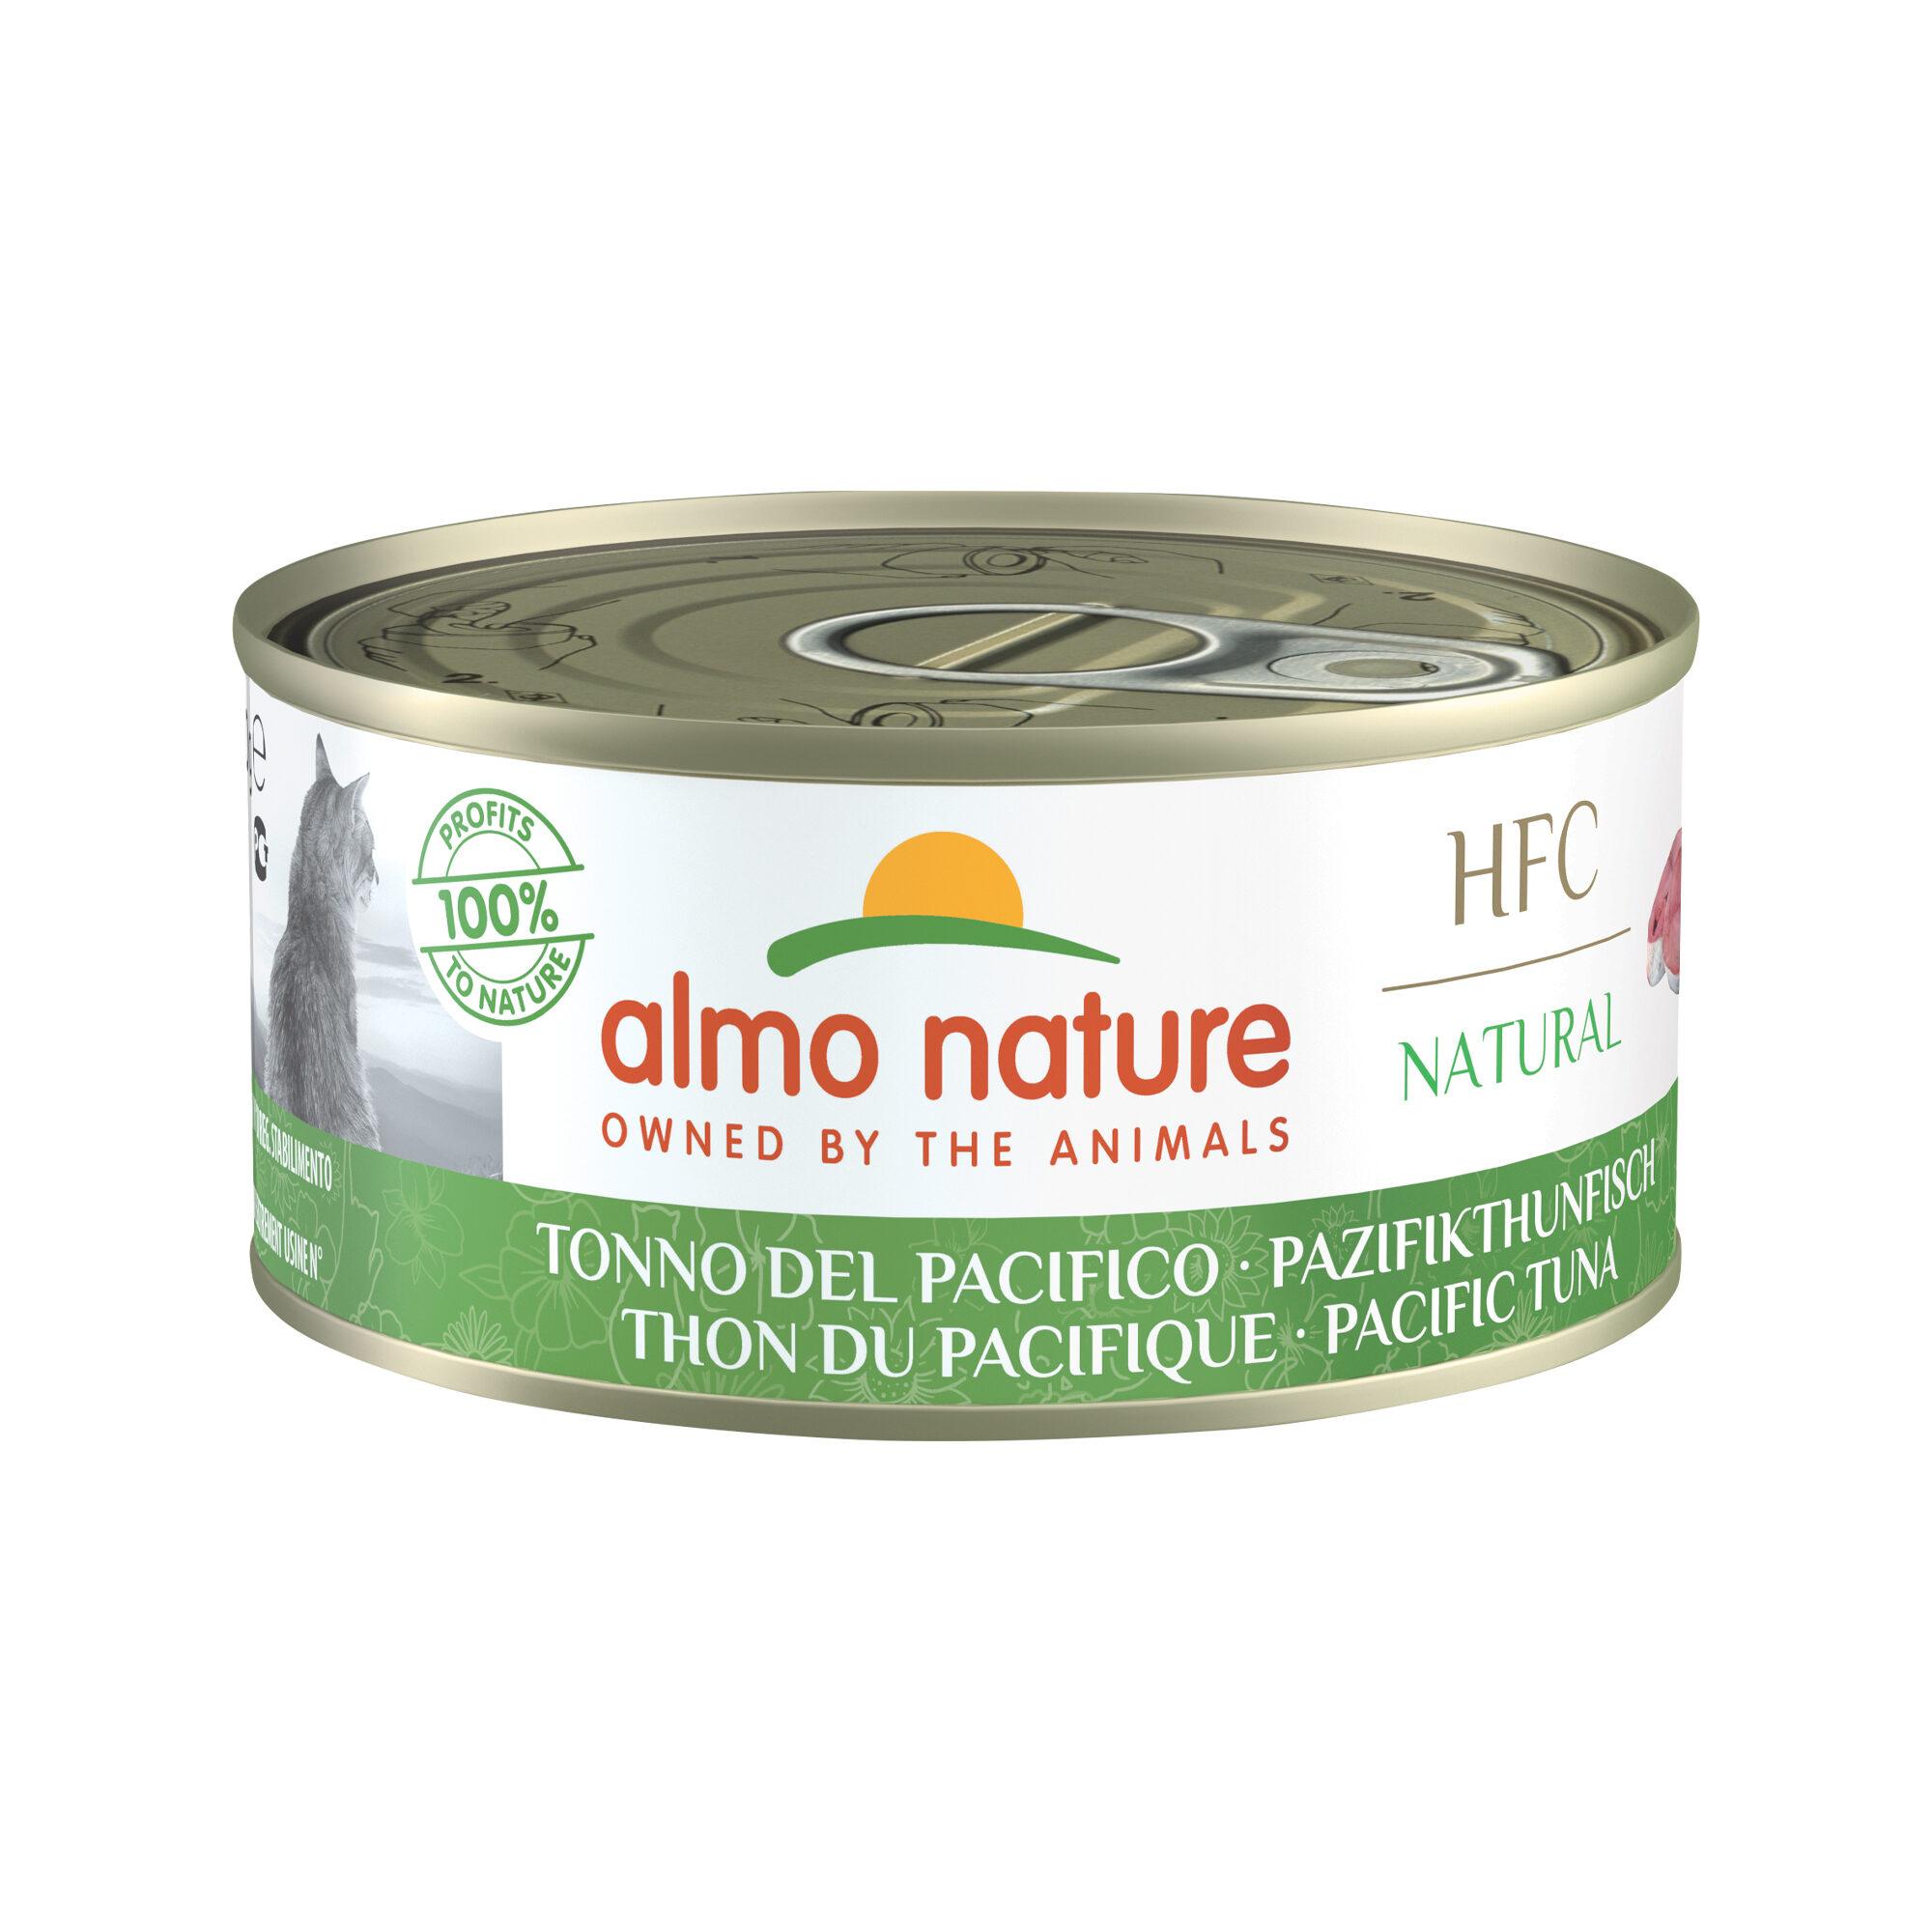 Almo Nature HFC Natural - Thon du Pacifique